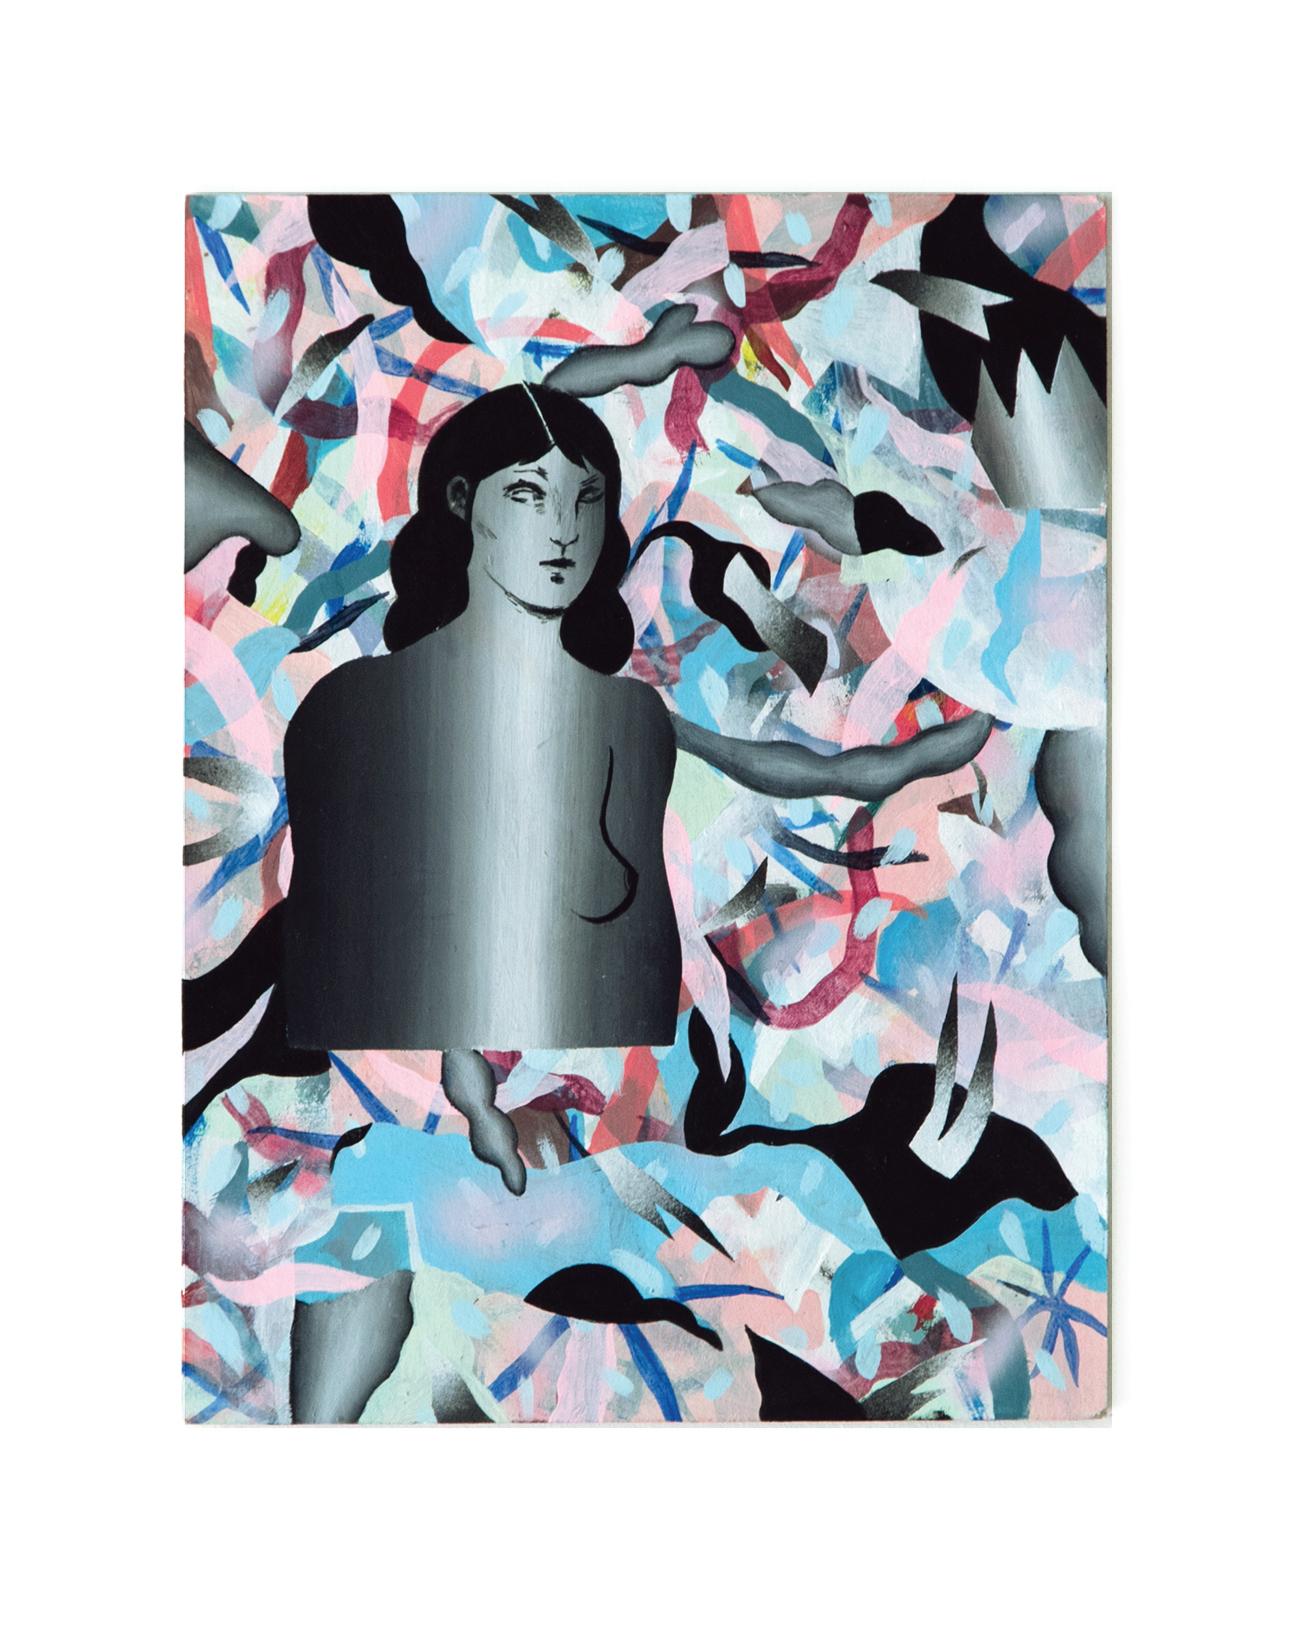 Laura - Peinture acrylique sur carton - 30,5 x 23,5 cm - 2018